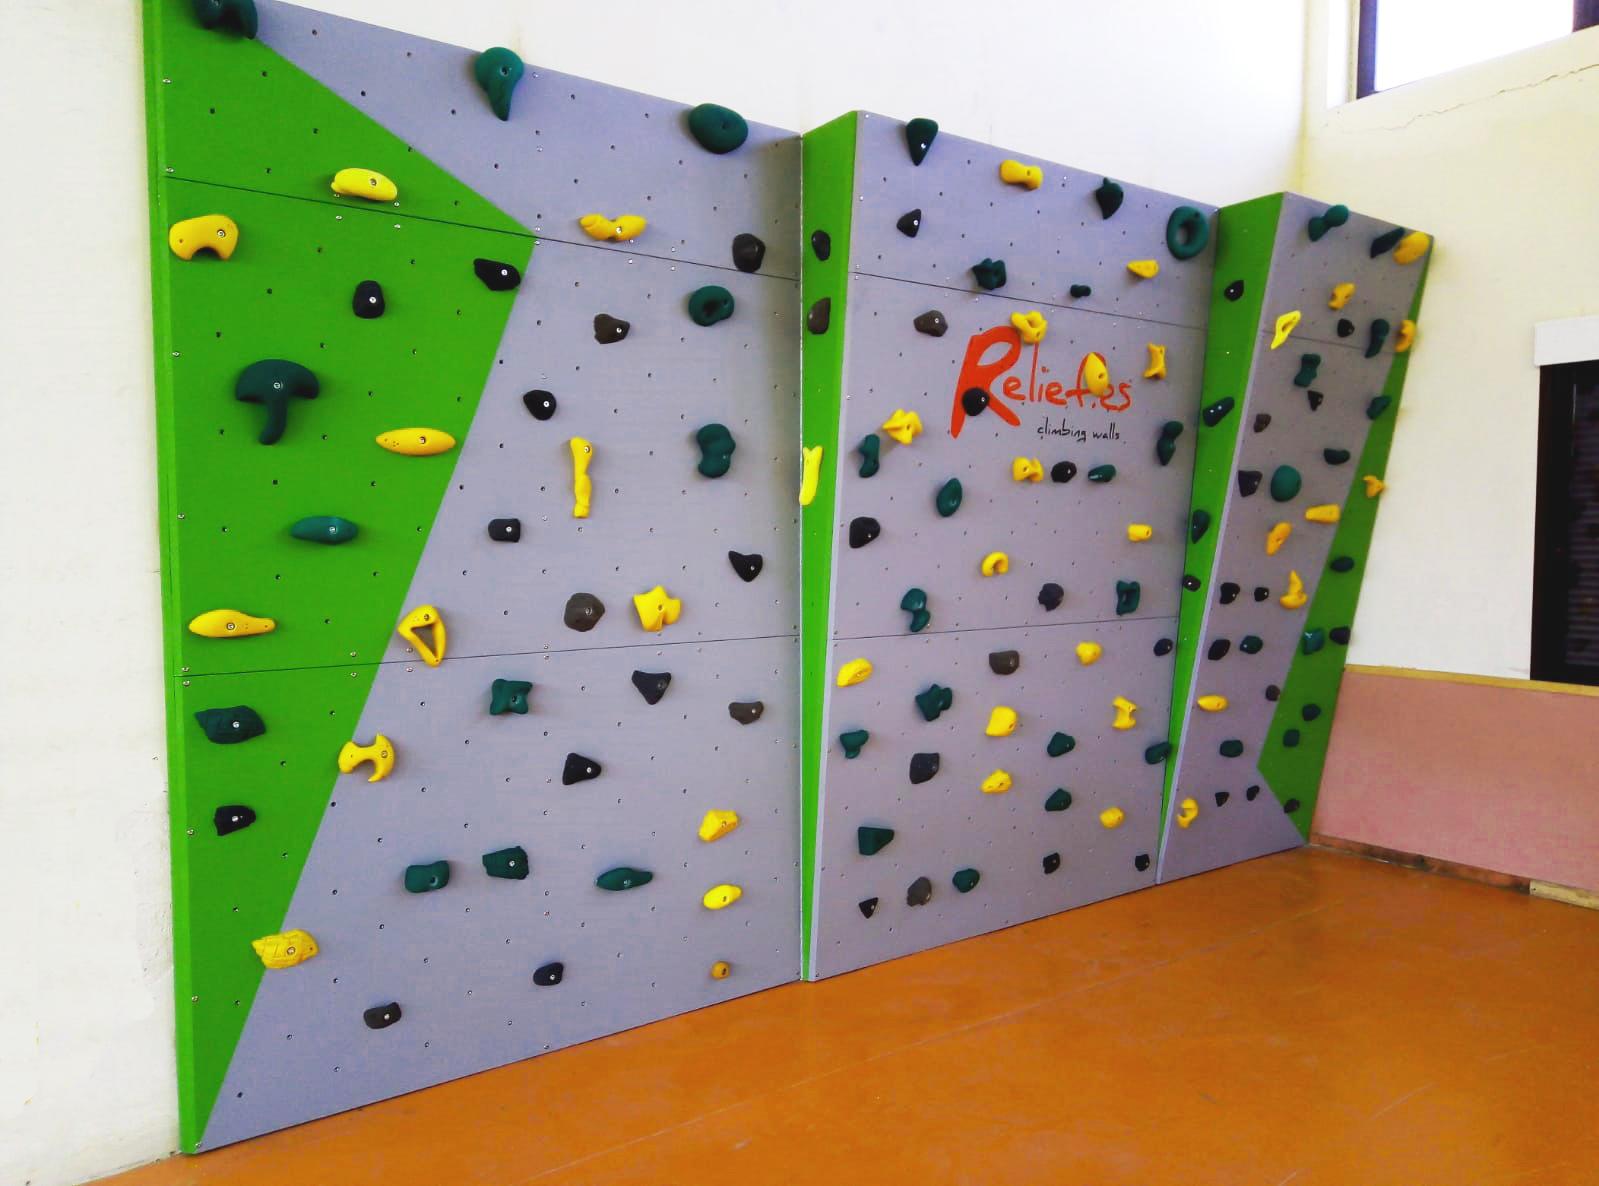 Búlder para practicar desde el inicio hasta el perfeccionamiento de escalada